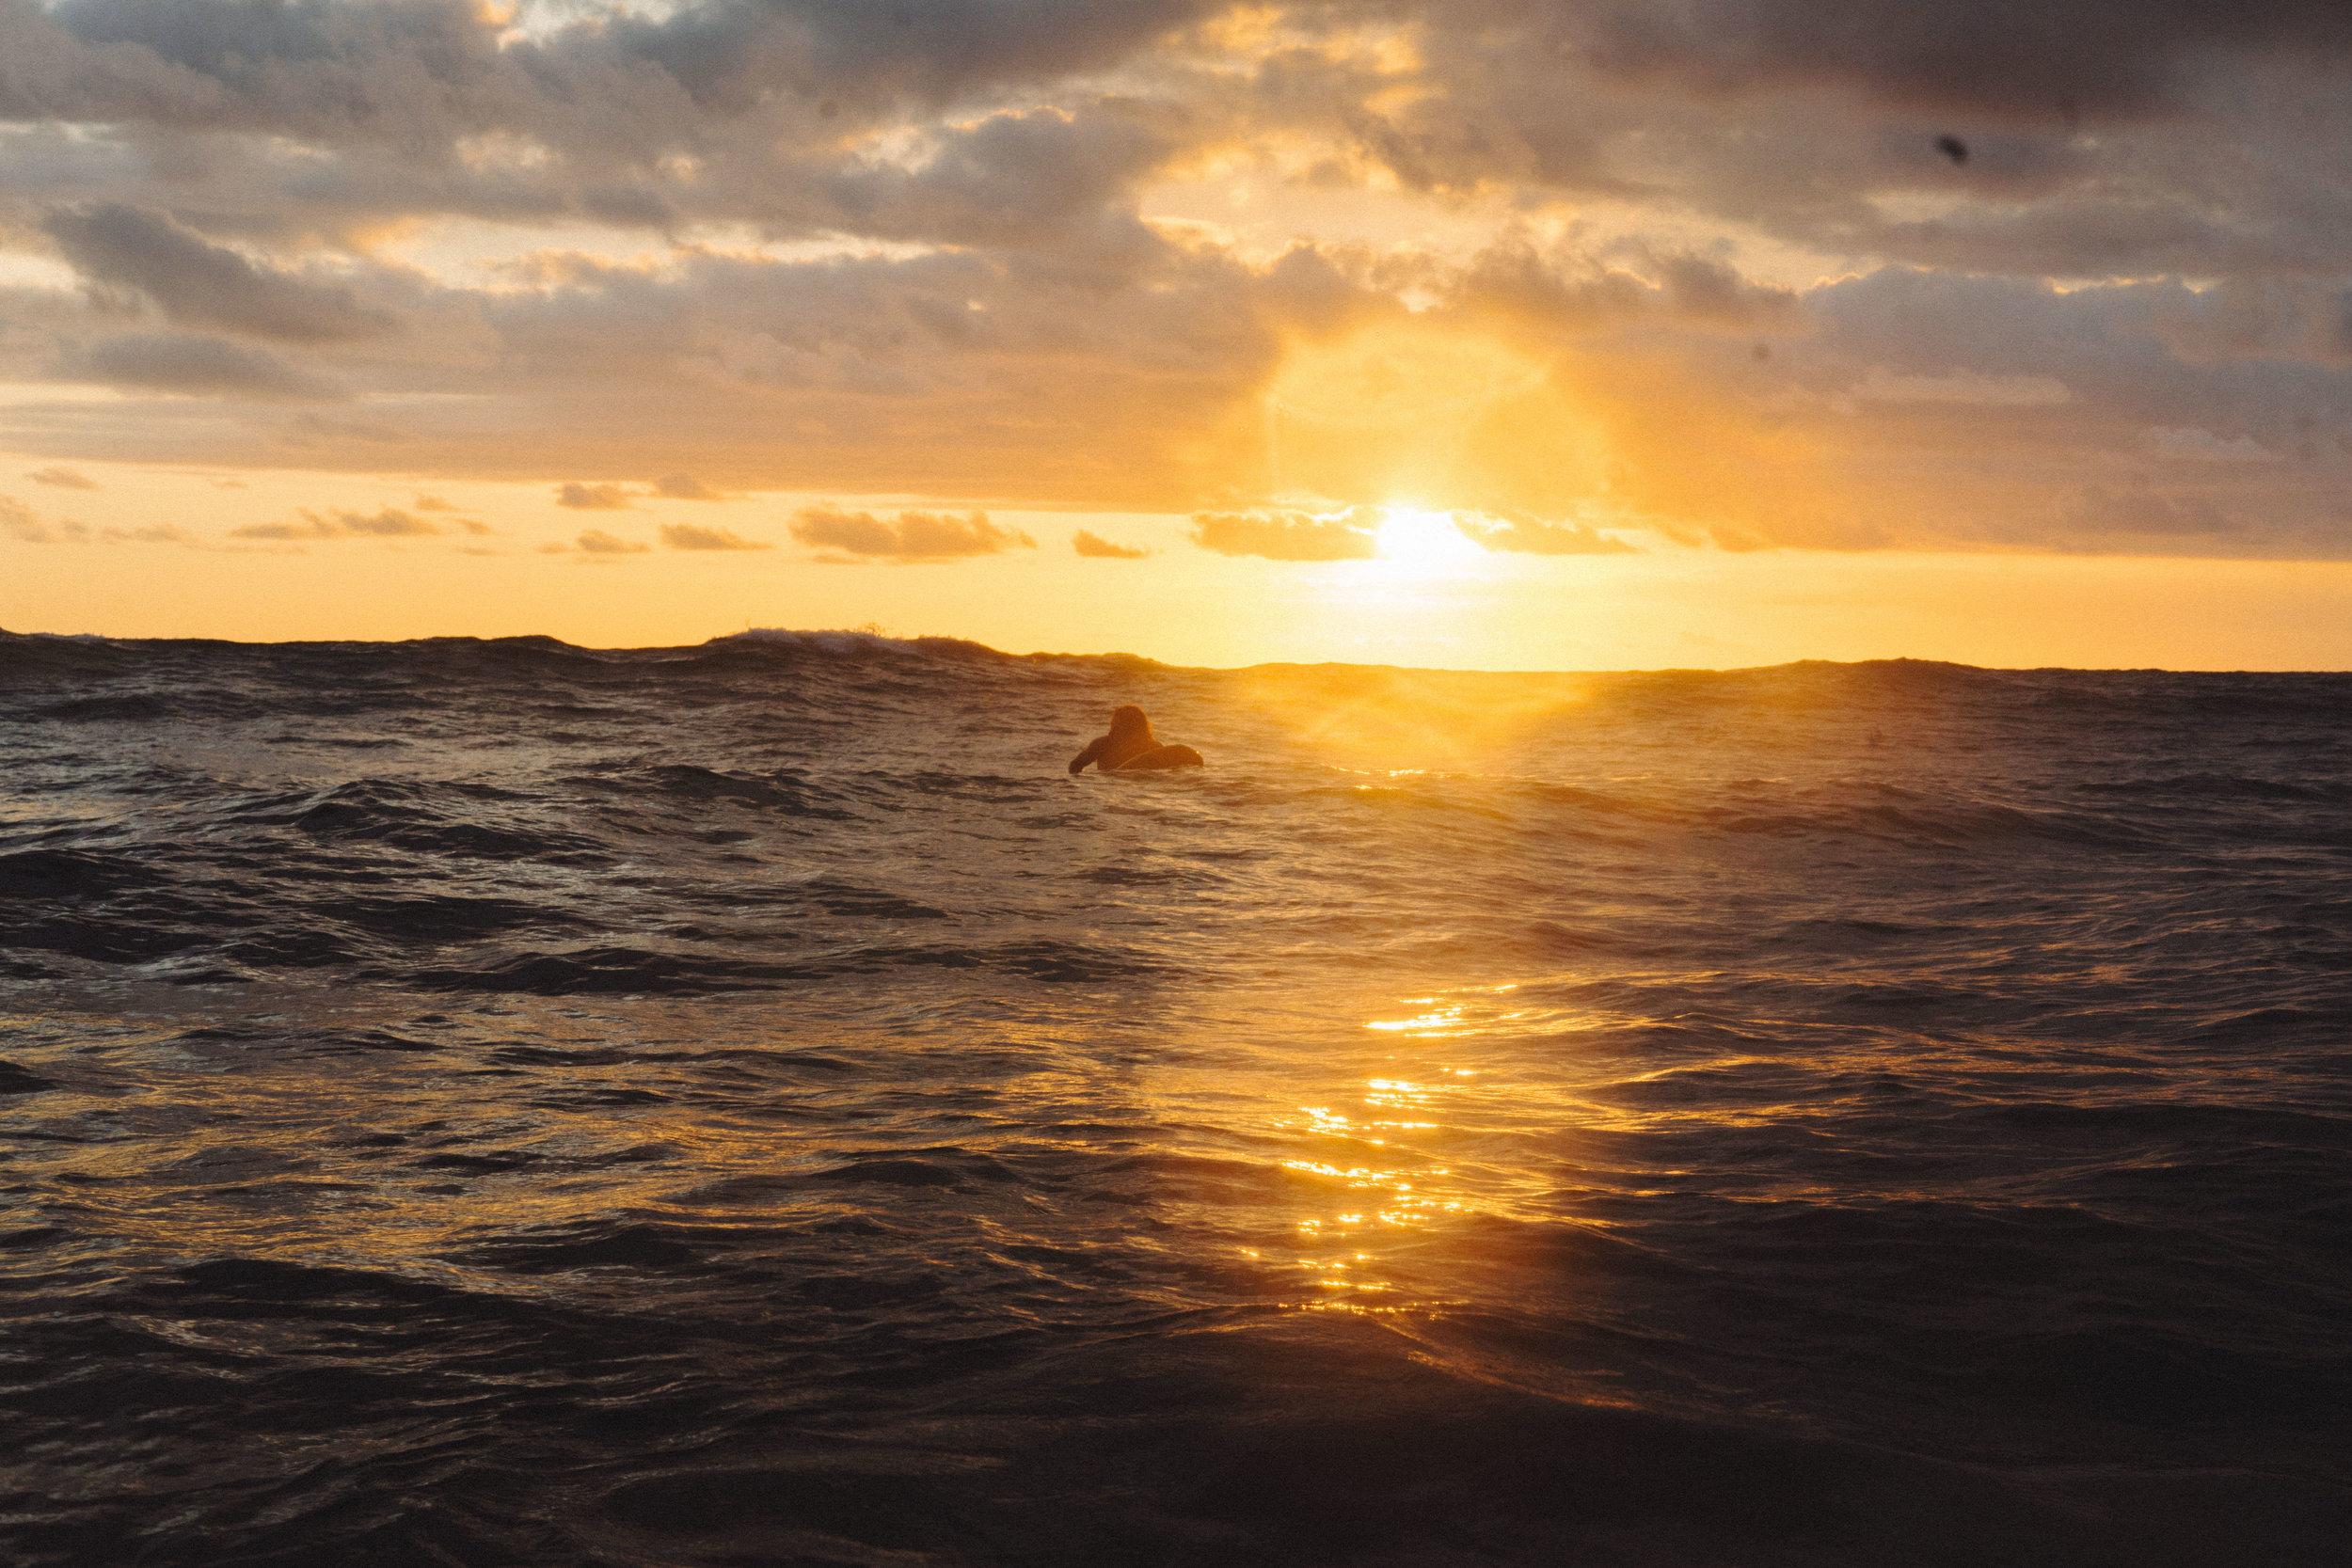 erik_winter_surf_surfing_11.jpg